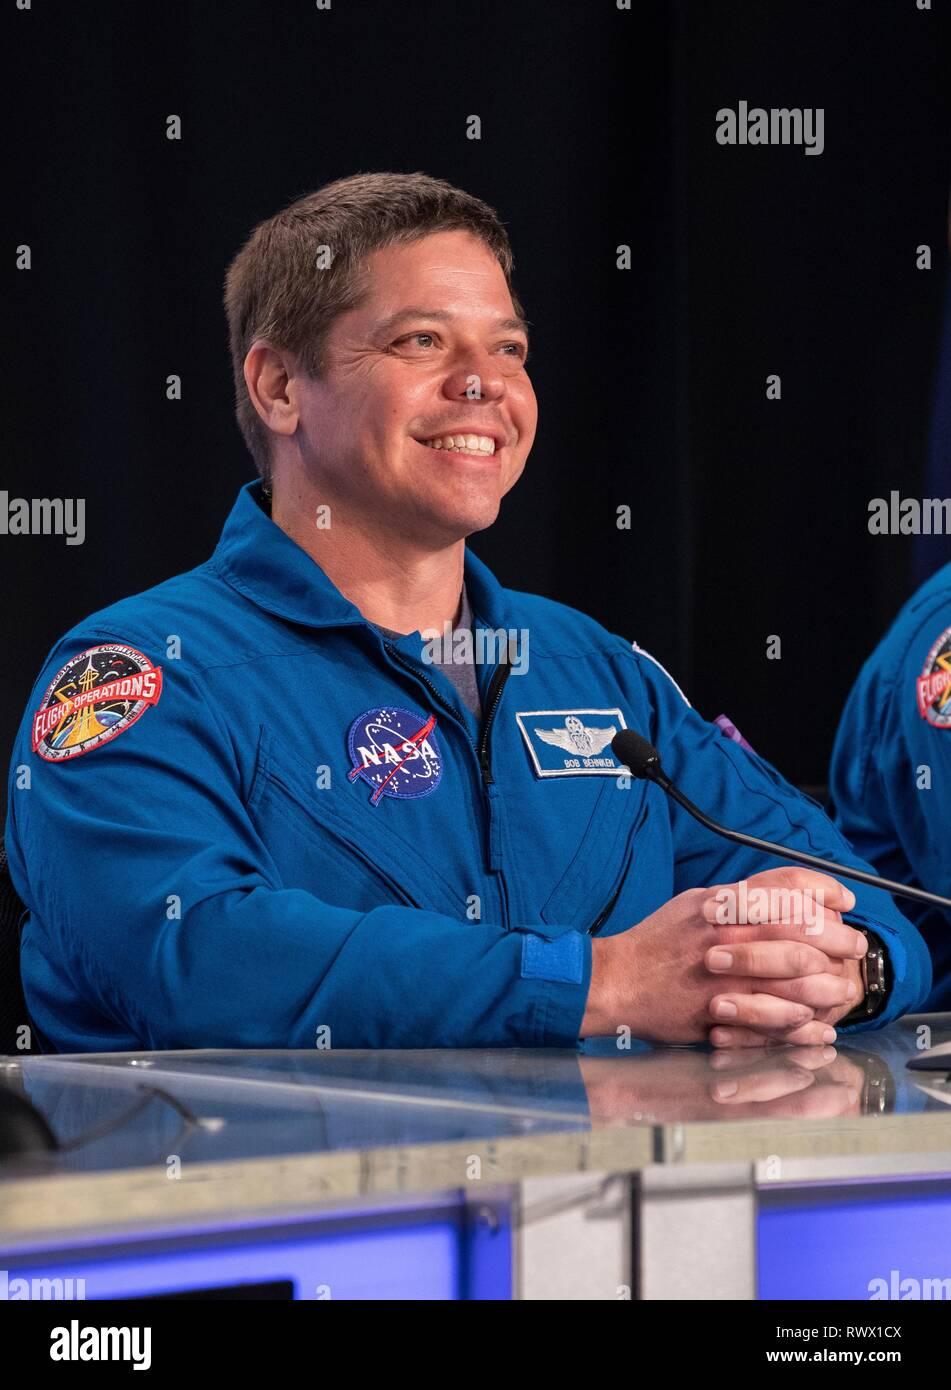 El astronauta de la NASA Bob Behnken direcciones los miembros de los medios de comunicación durante una conferencia de prensa posterior al lanzamiento tras el histórico lanzamiento del primer Demo de la cápsula de la tripulación comercial-1 en el Centro Espacial Kennedy el 2 de marzo de 2019 en Cabo Cañaveral, Florida. Imagen De Stock